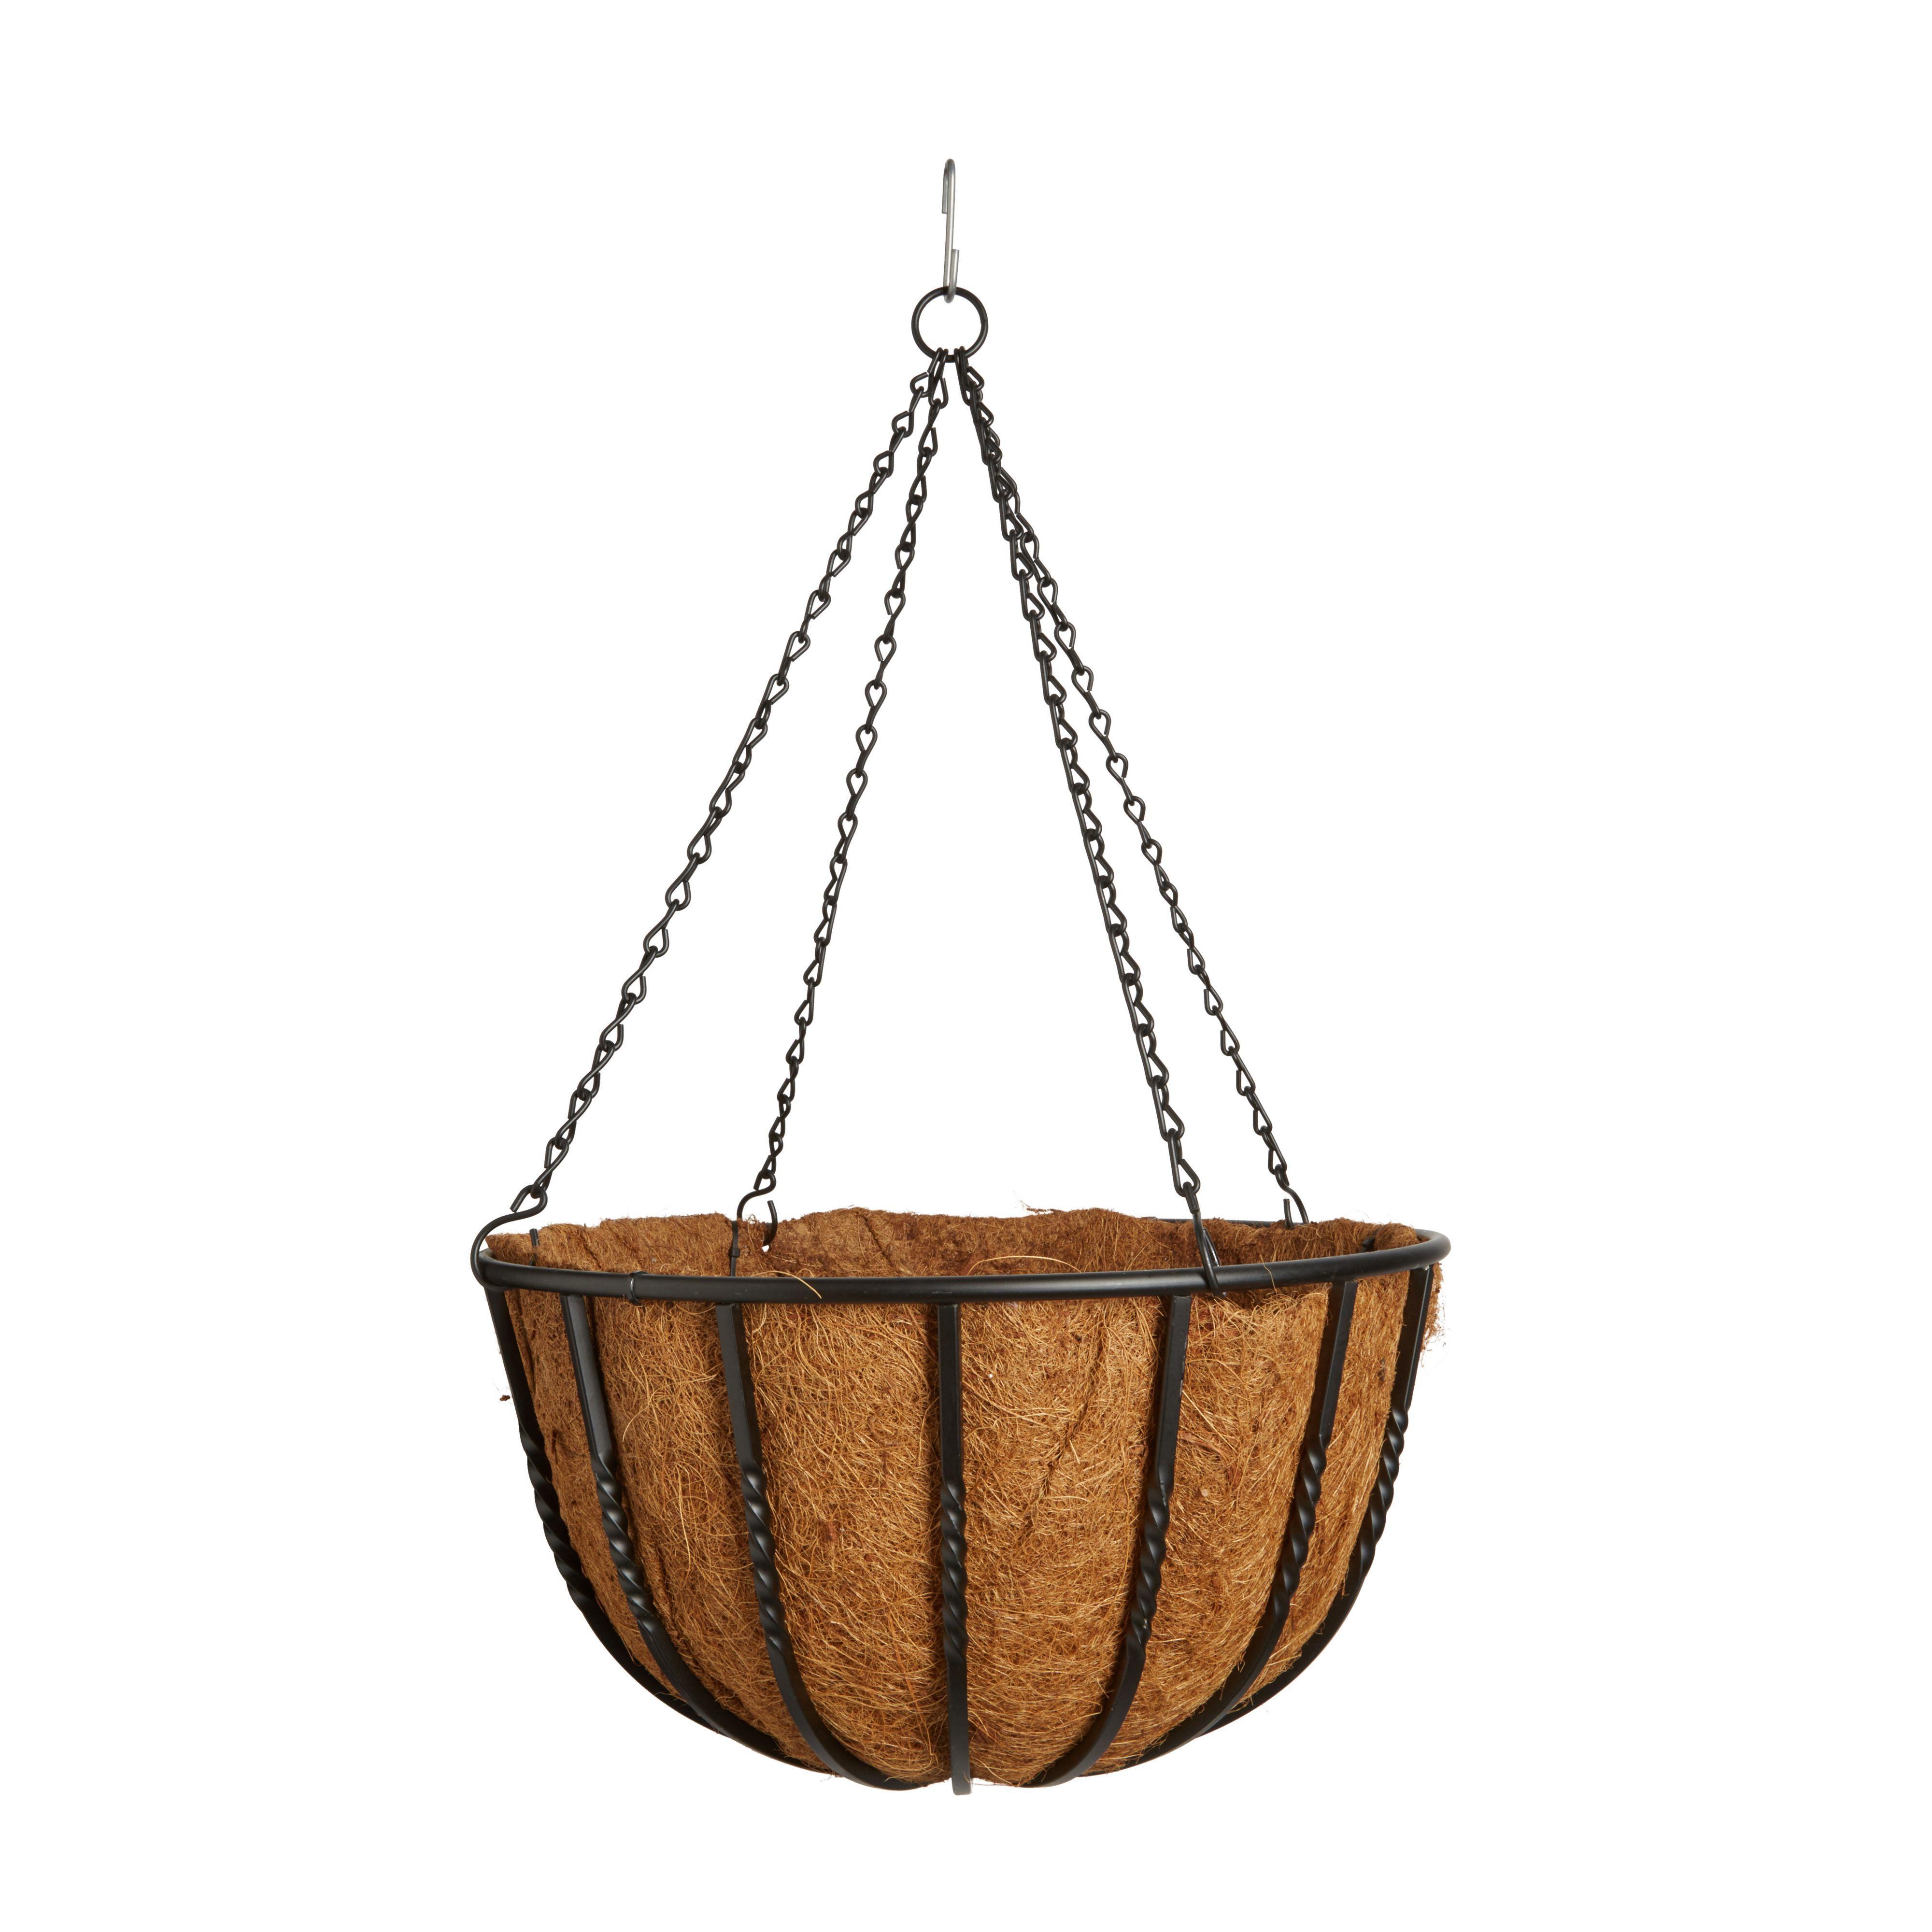 Gardman Wrought Iron Hanging Basket 406 4 Mm Departments